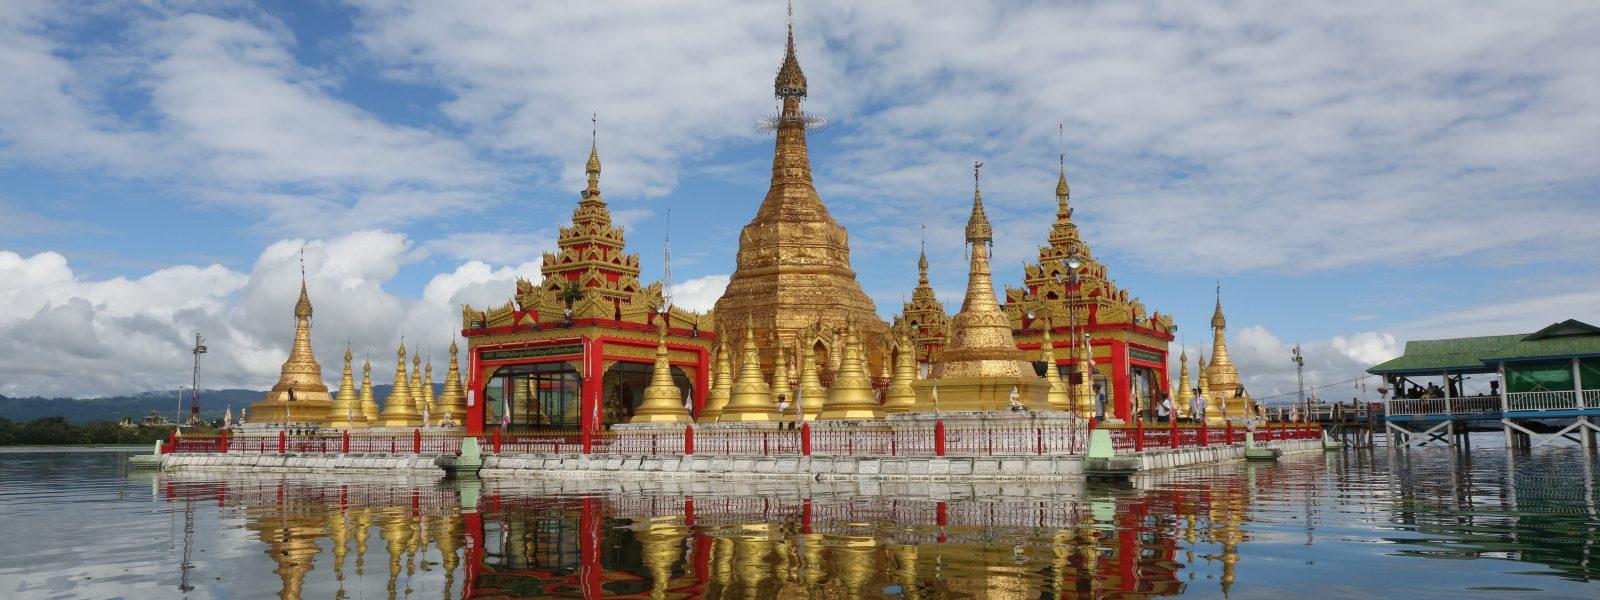 Exploring Indawgyi - Shwe Myitzu Pagoda - Indawgyi Lake - Sampan Travel